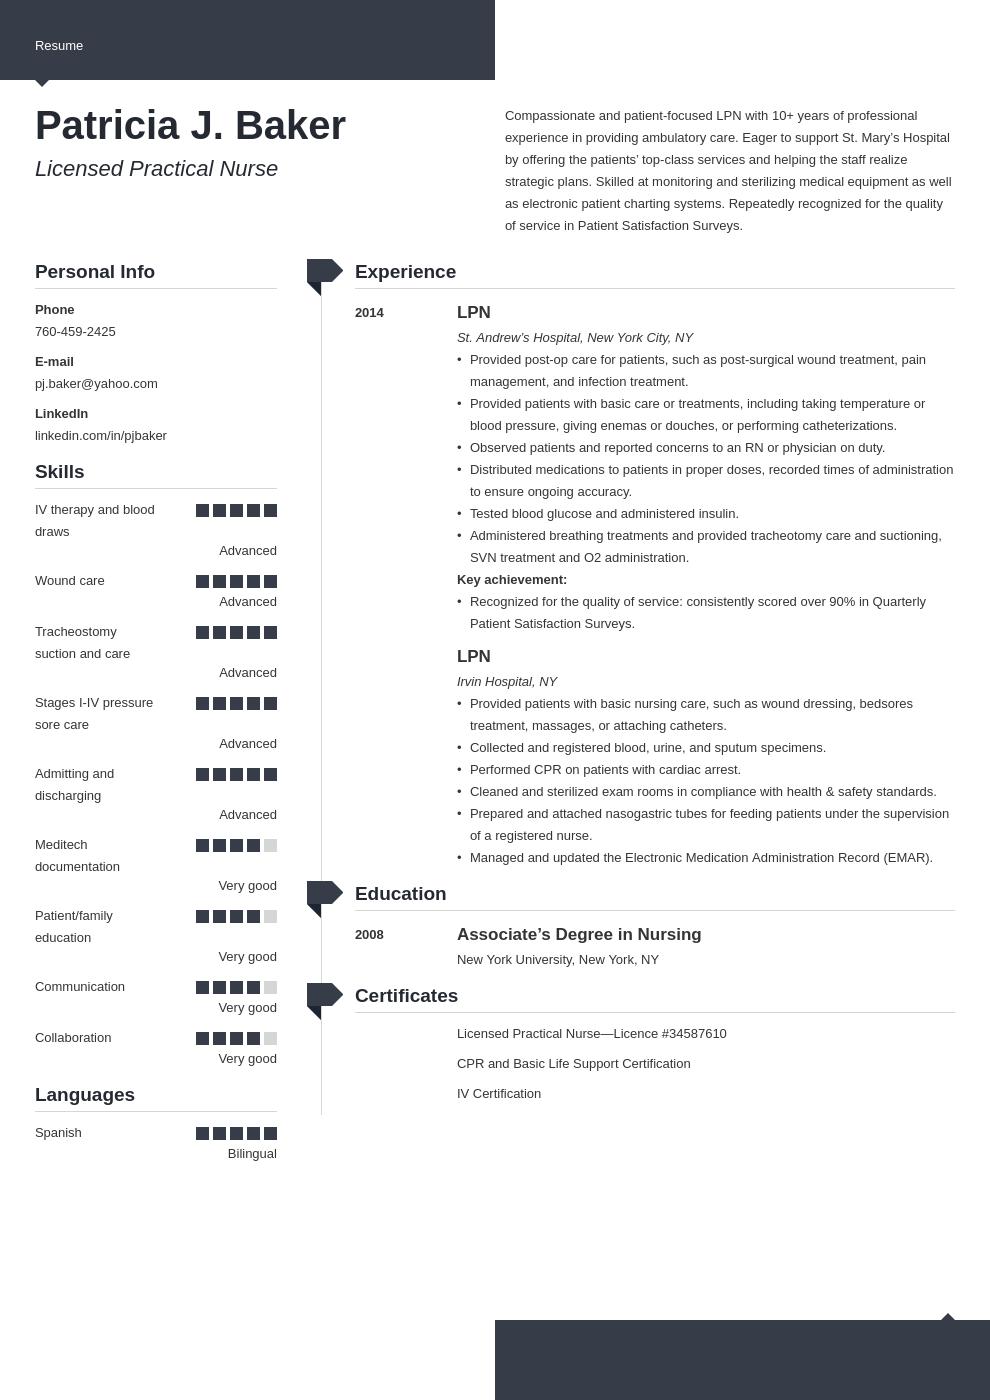 lpn resume example template modern in 2020 Lpn resume